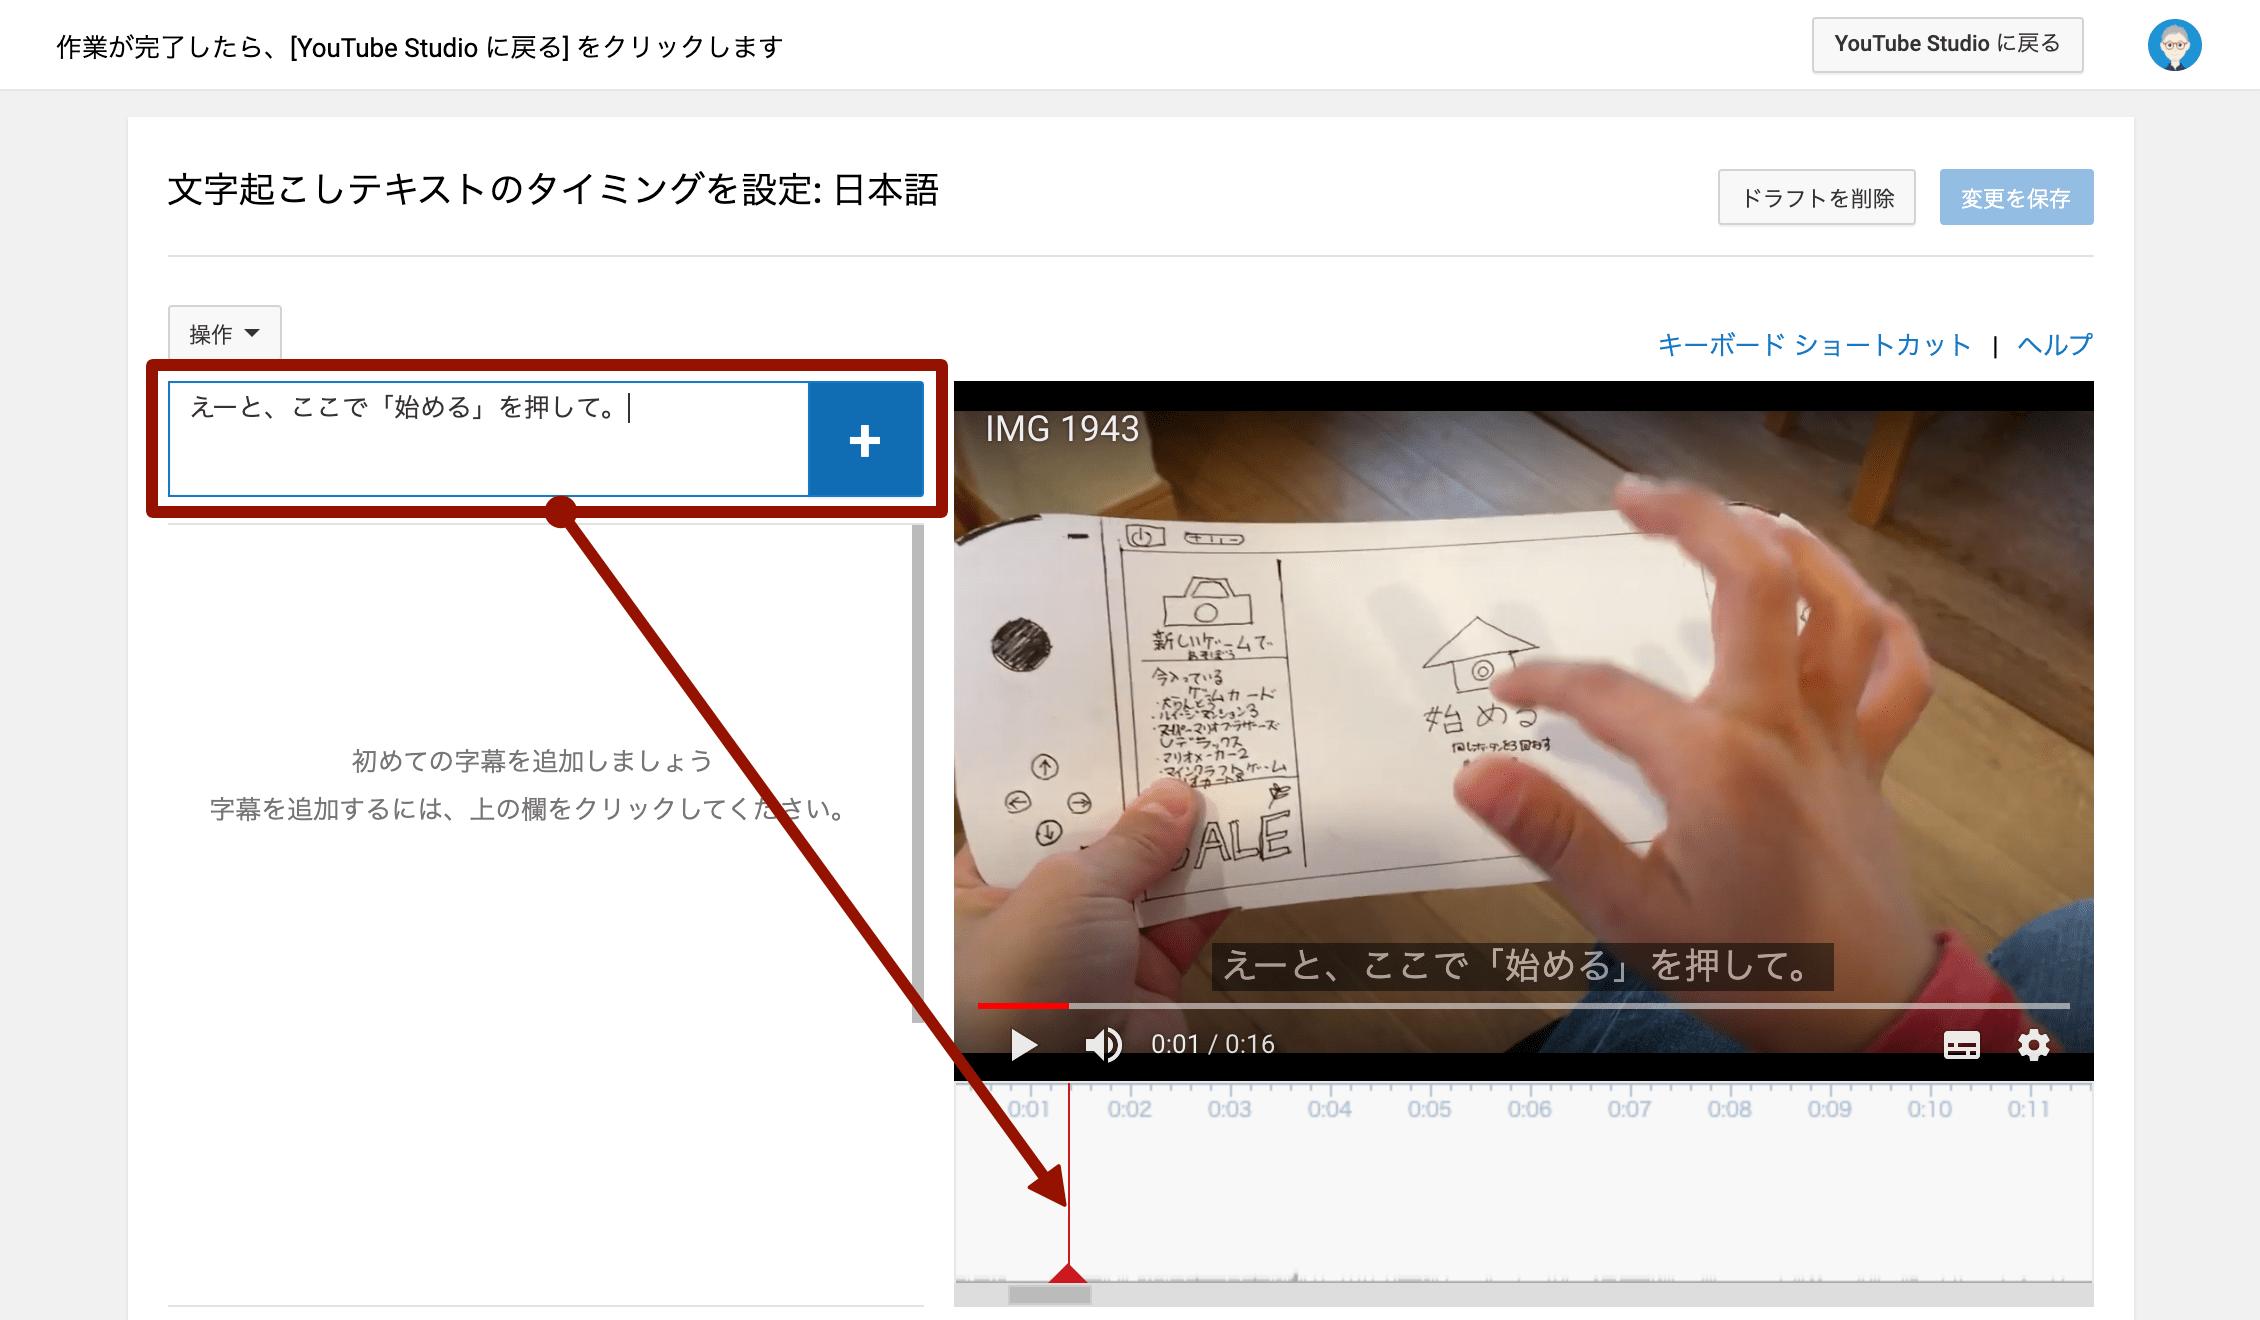 クローズドキャプションを付加した YouTube 動画